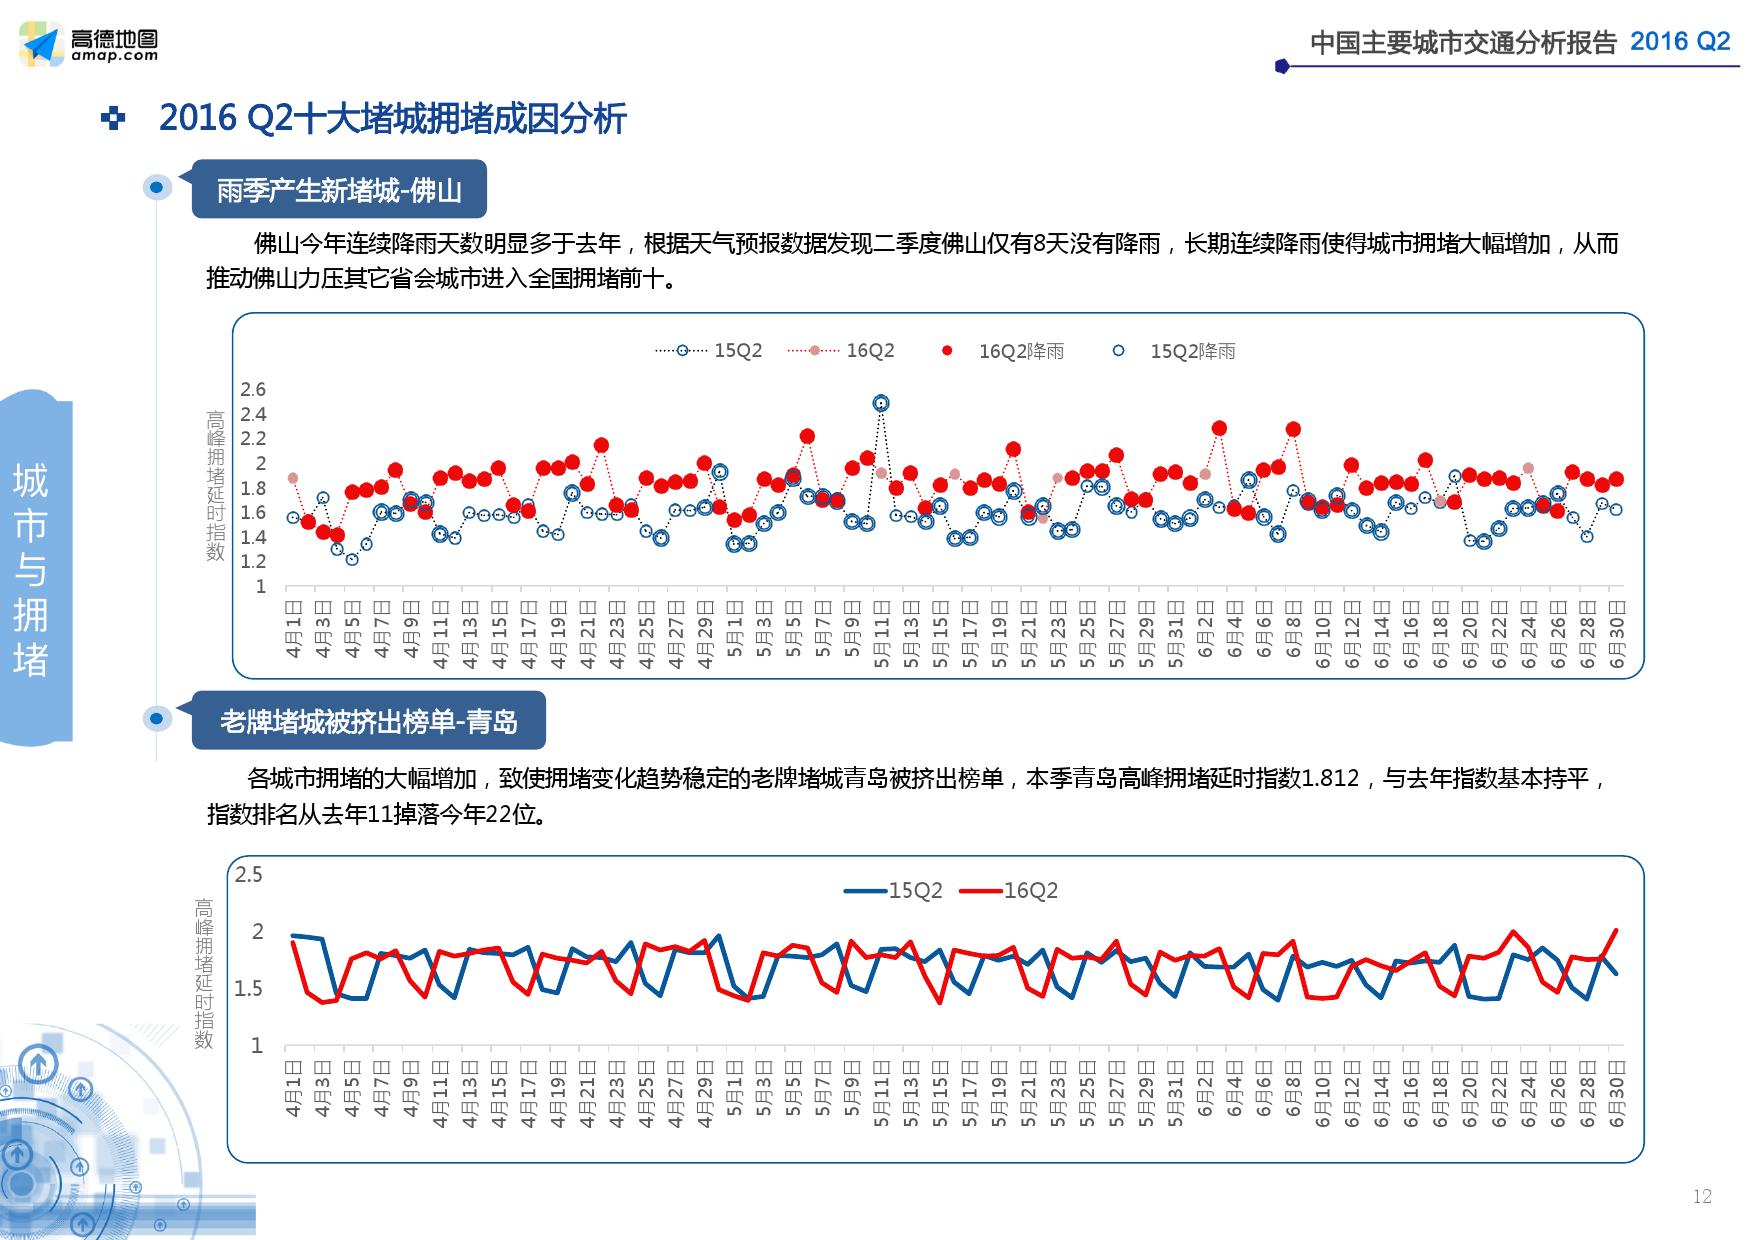 2016年Q2中国主要城市交通分析报告_000012